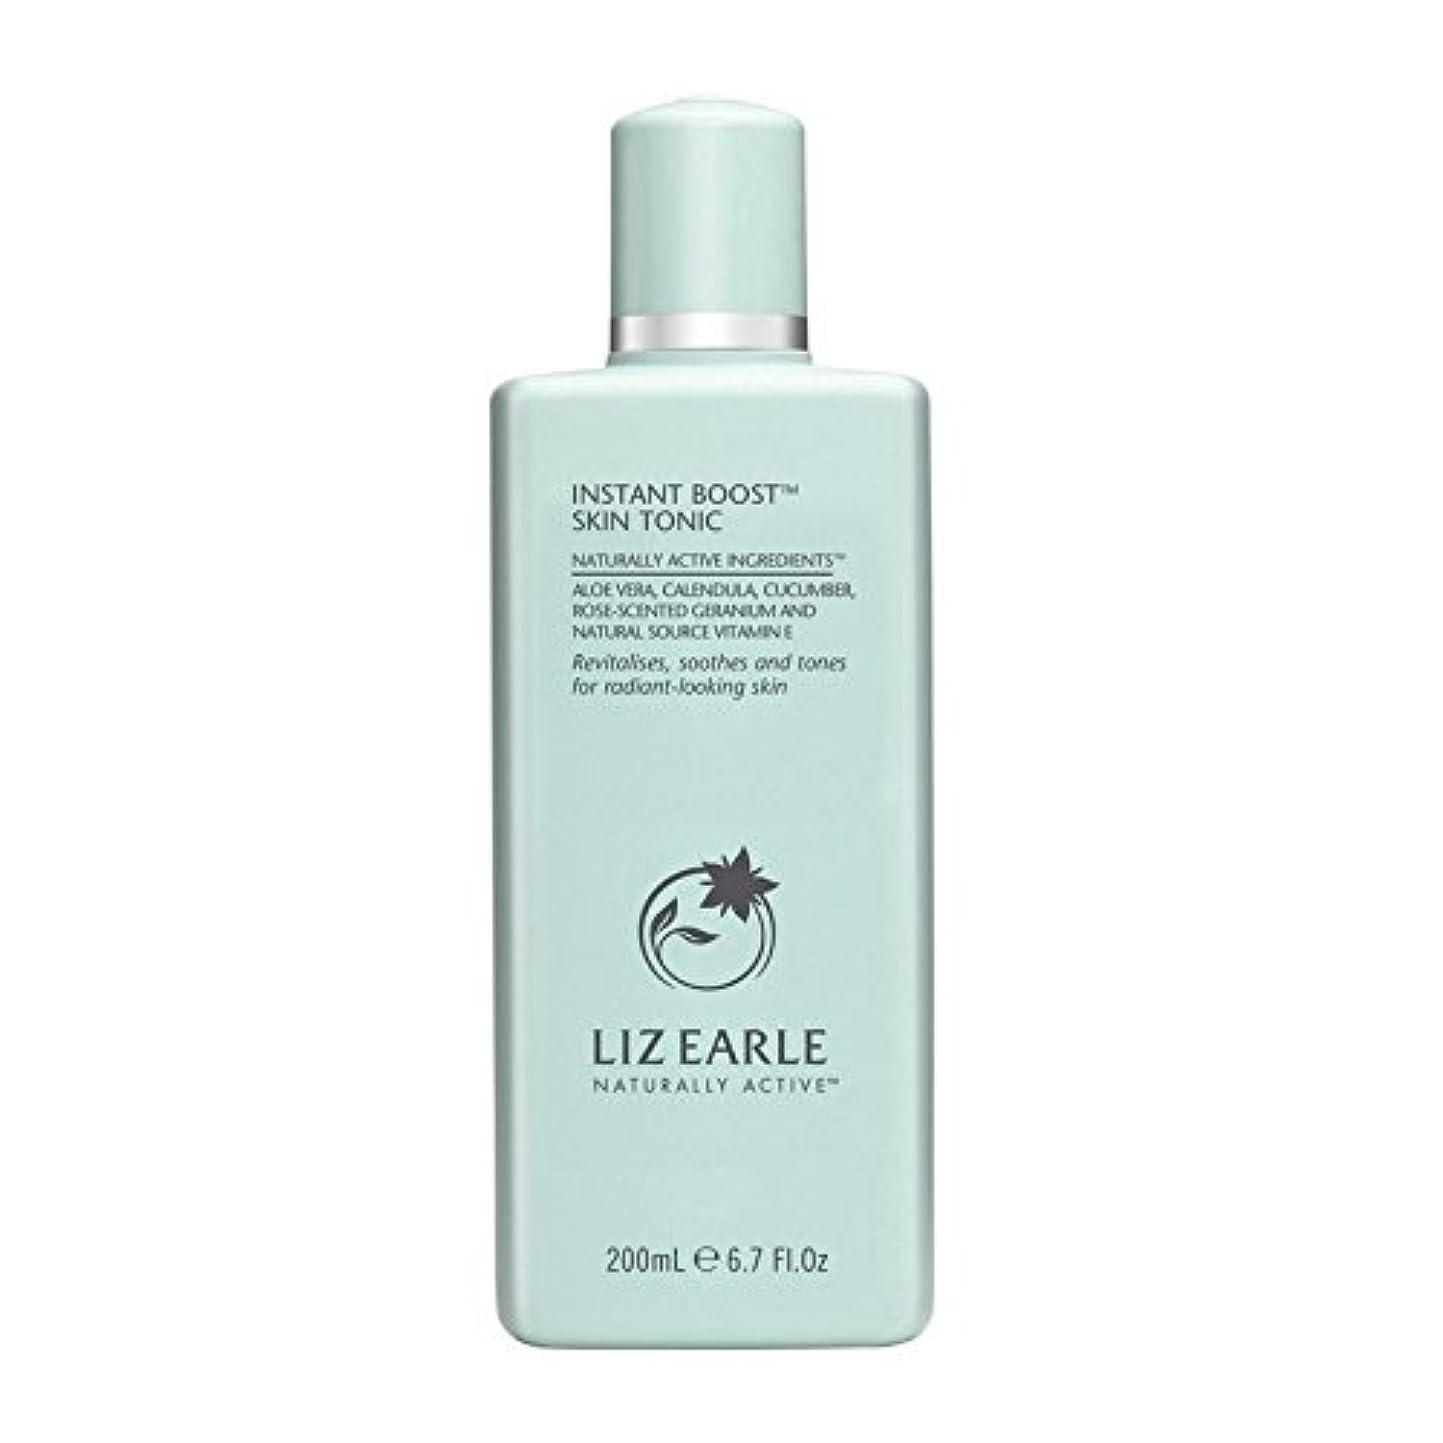 ディベート広告静けさリズアールインスタントブーストスキントニックボトル200ミリリットル x4 - Liz Earle Instant Boost Skin Tonic Bottle 200ml (Pack of 4) [並行輸入品]